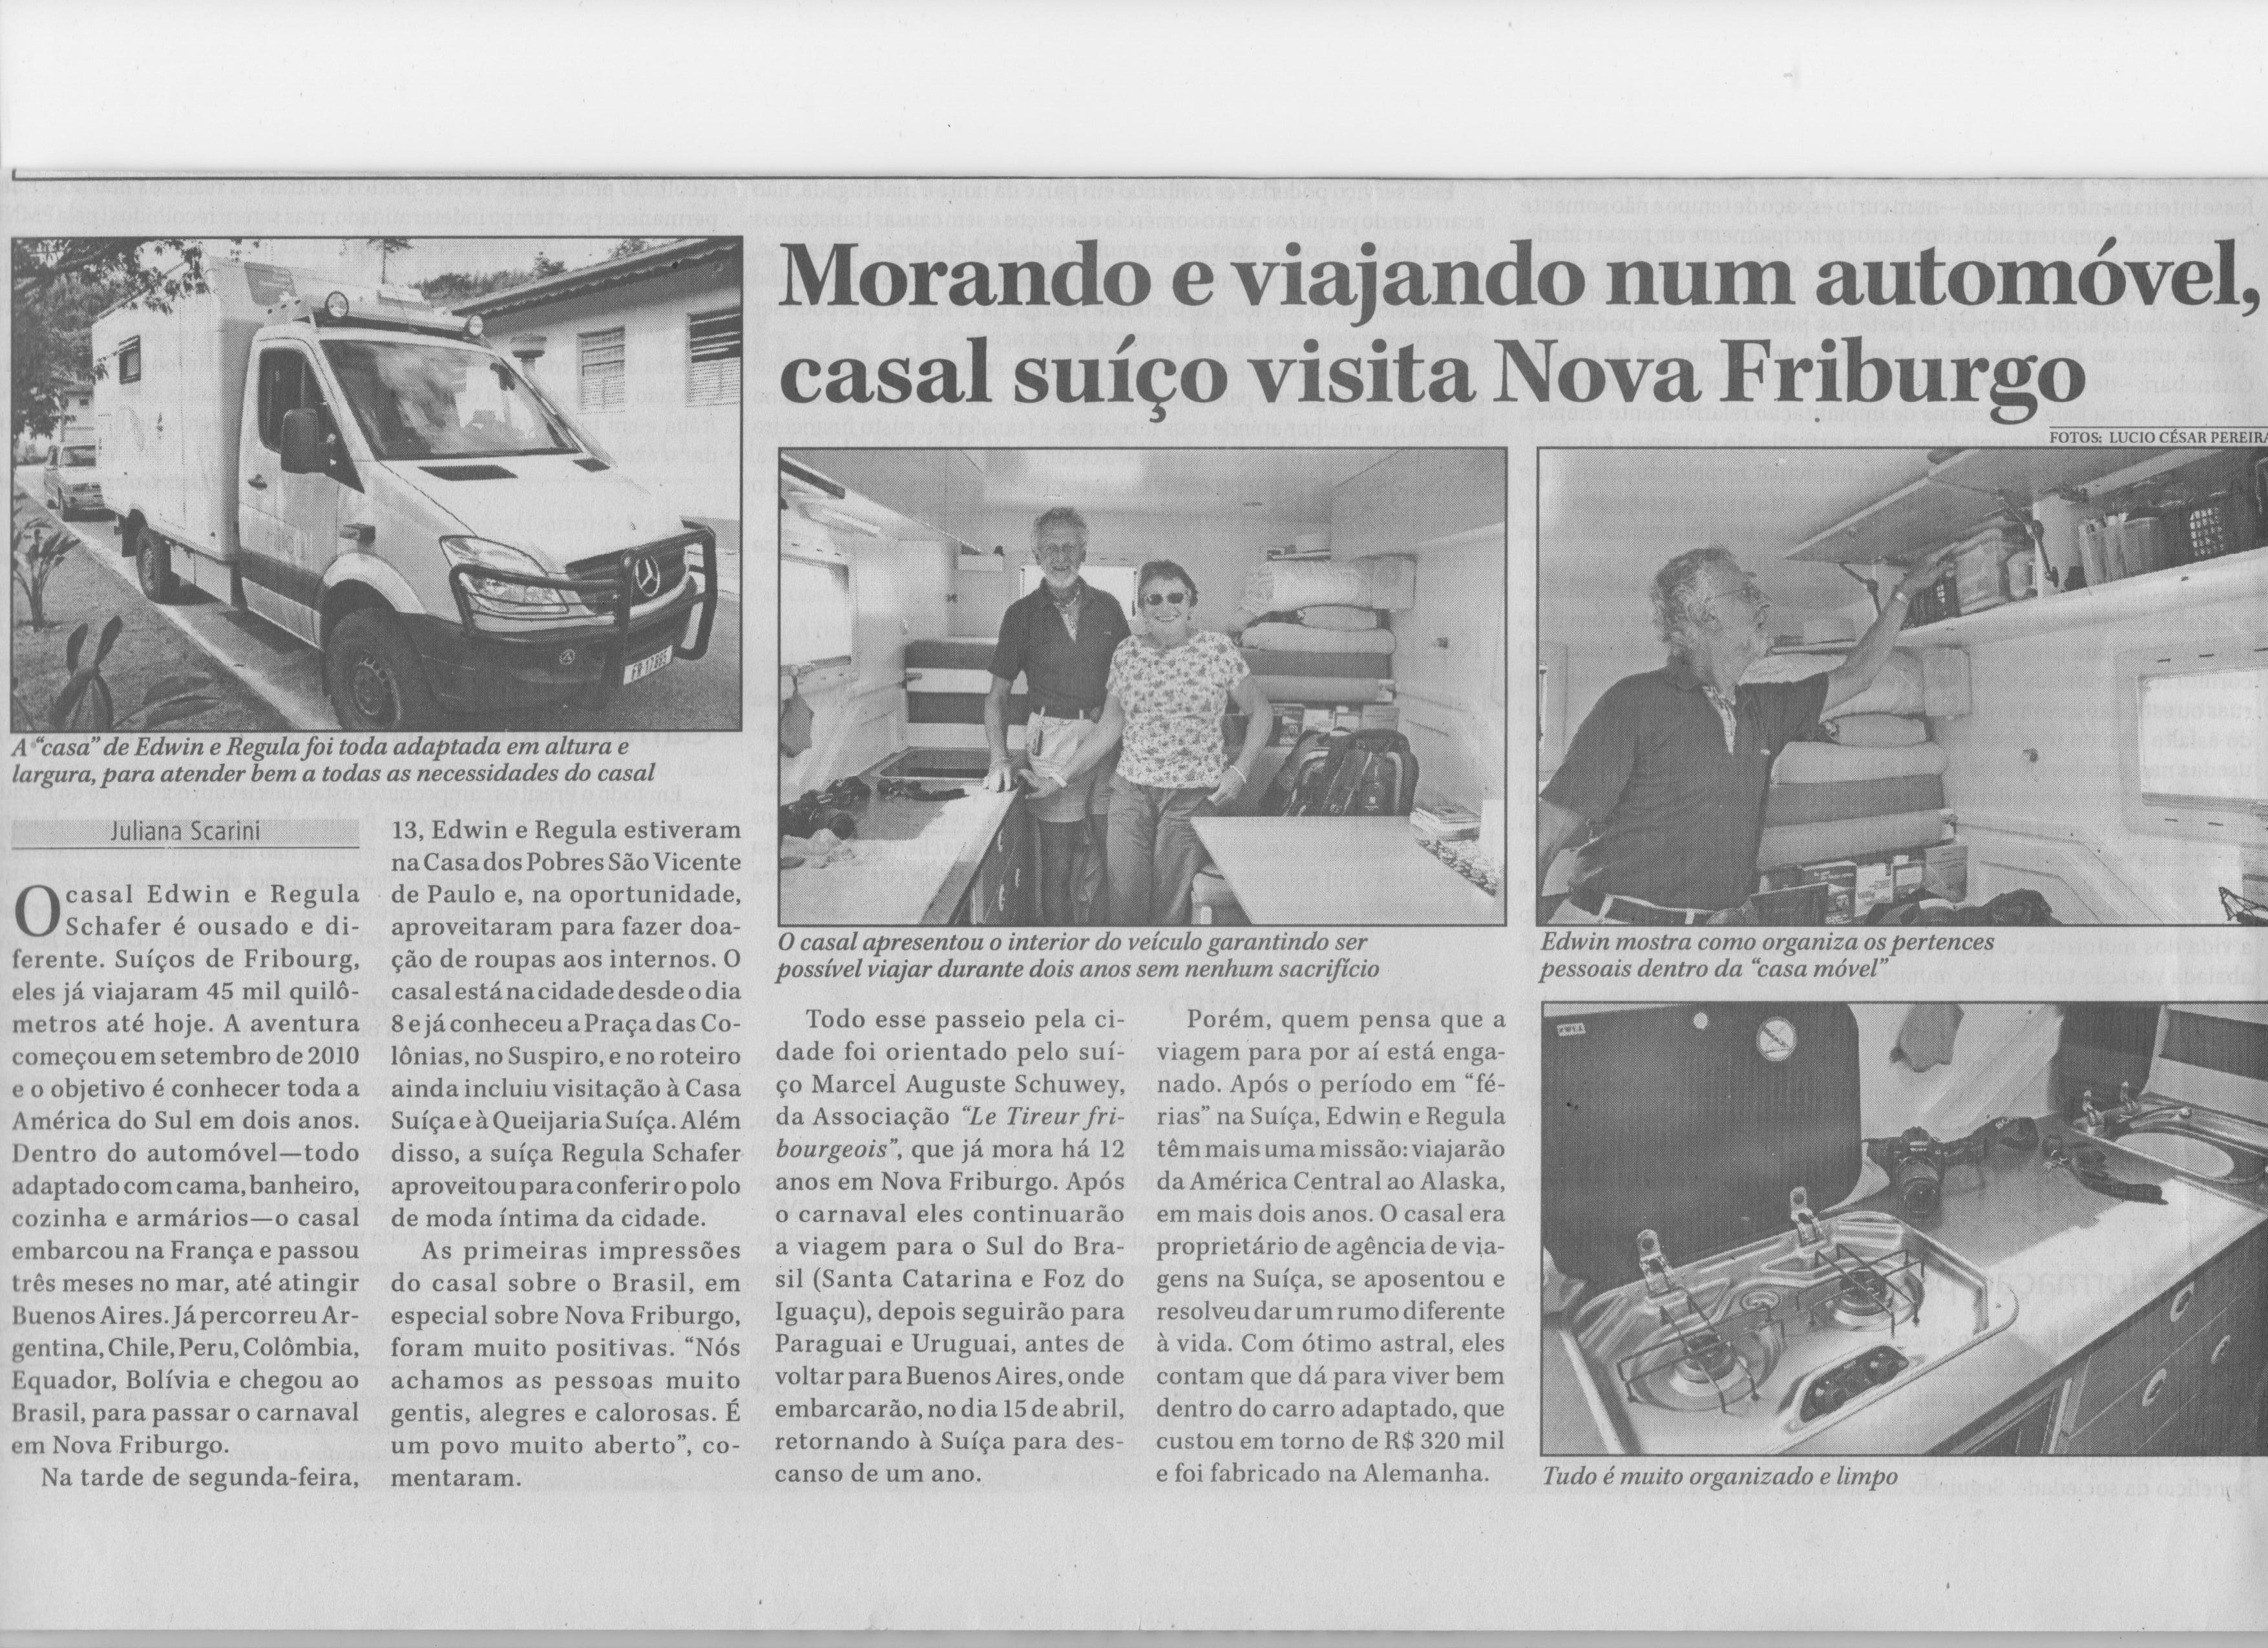 Bericht über das Expeditionsfahrzeug von Exploryx - der Impala auf Mercedes Benz Sprinter Basis